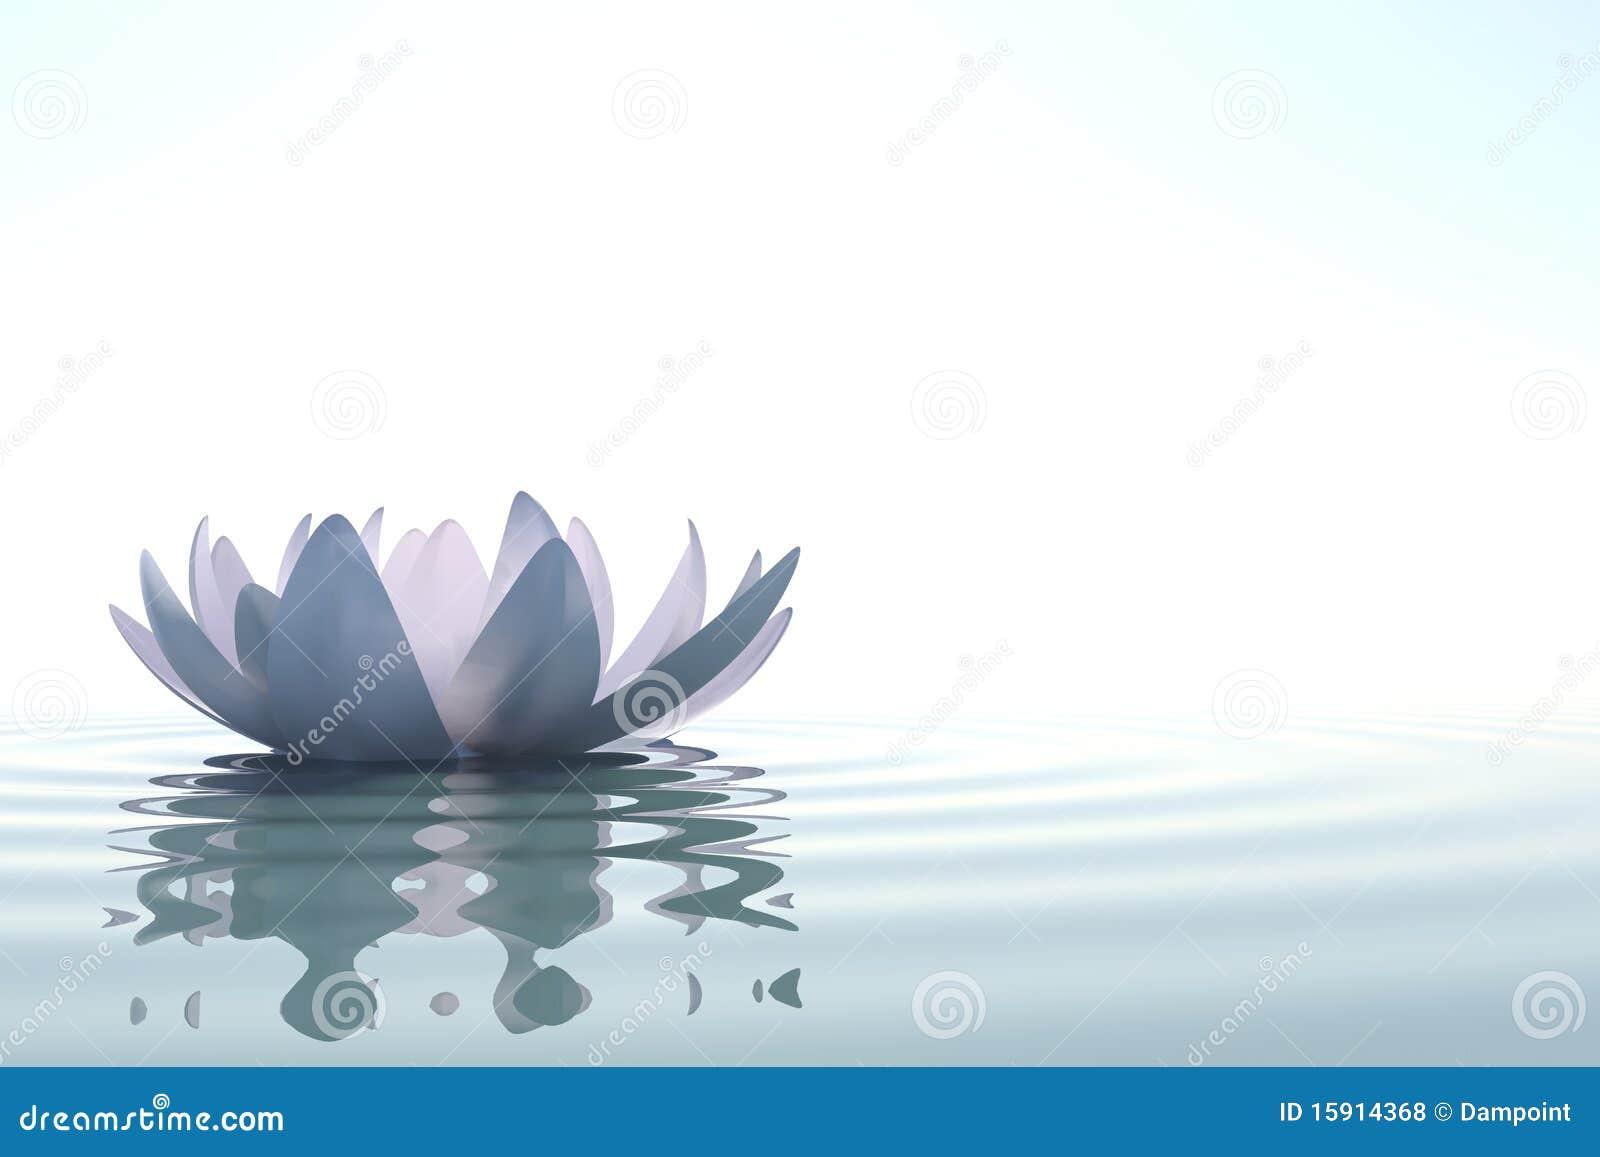 Zenblume loto im Wasser